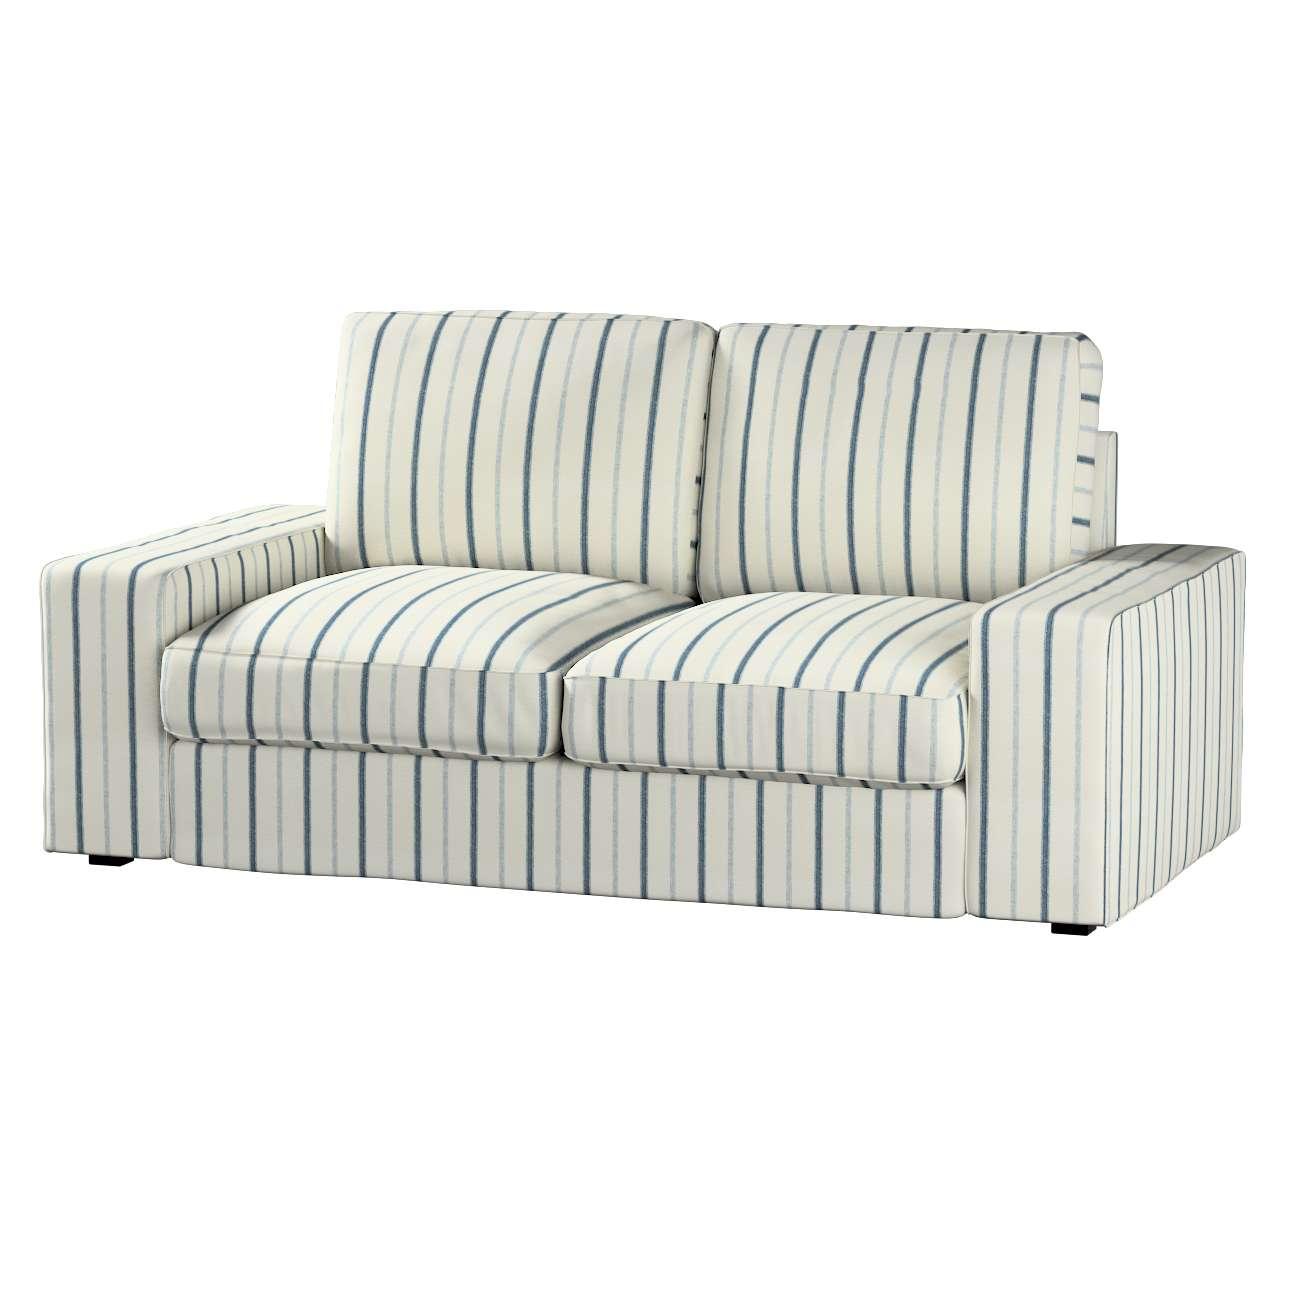 KIVIK dvivietės sofos užvalkalas Kivik 2-seat sofa kolekcijoje Avinon, audinys: 129-66